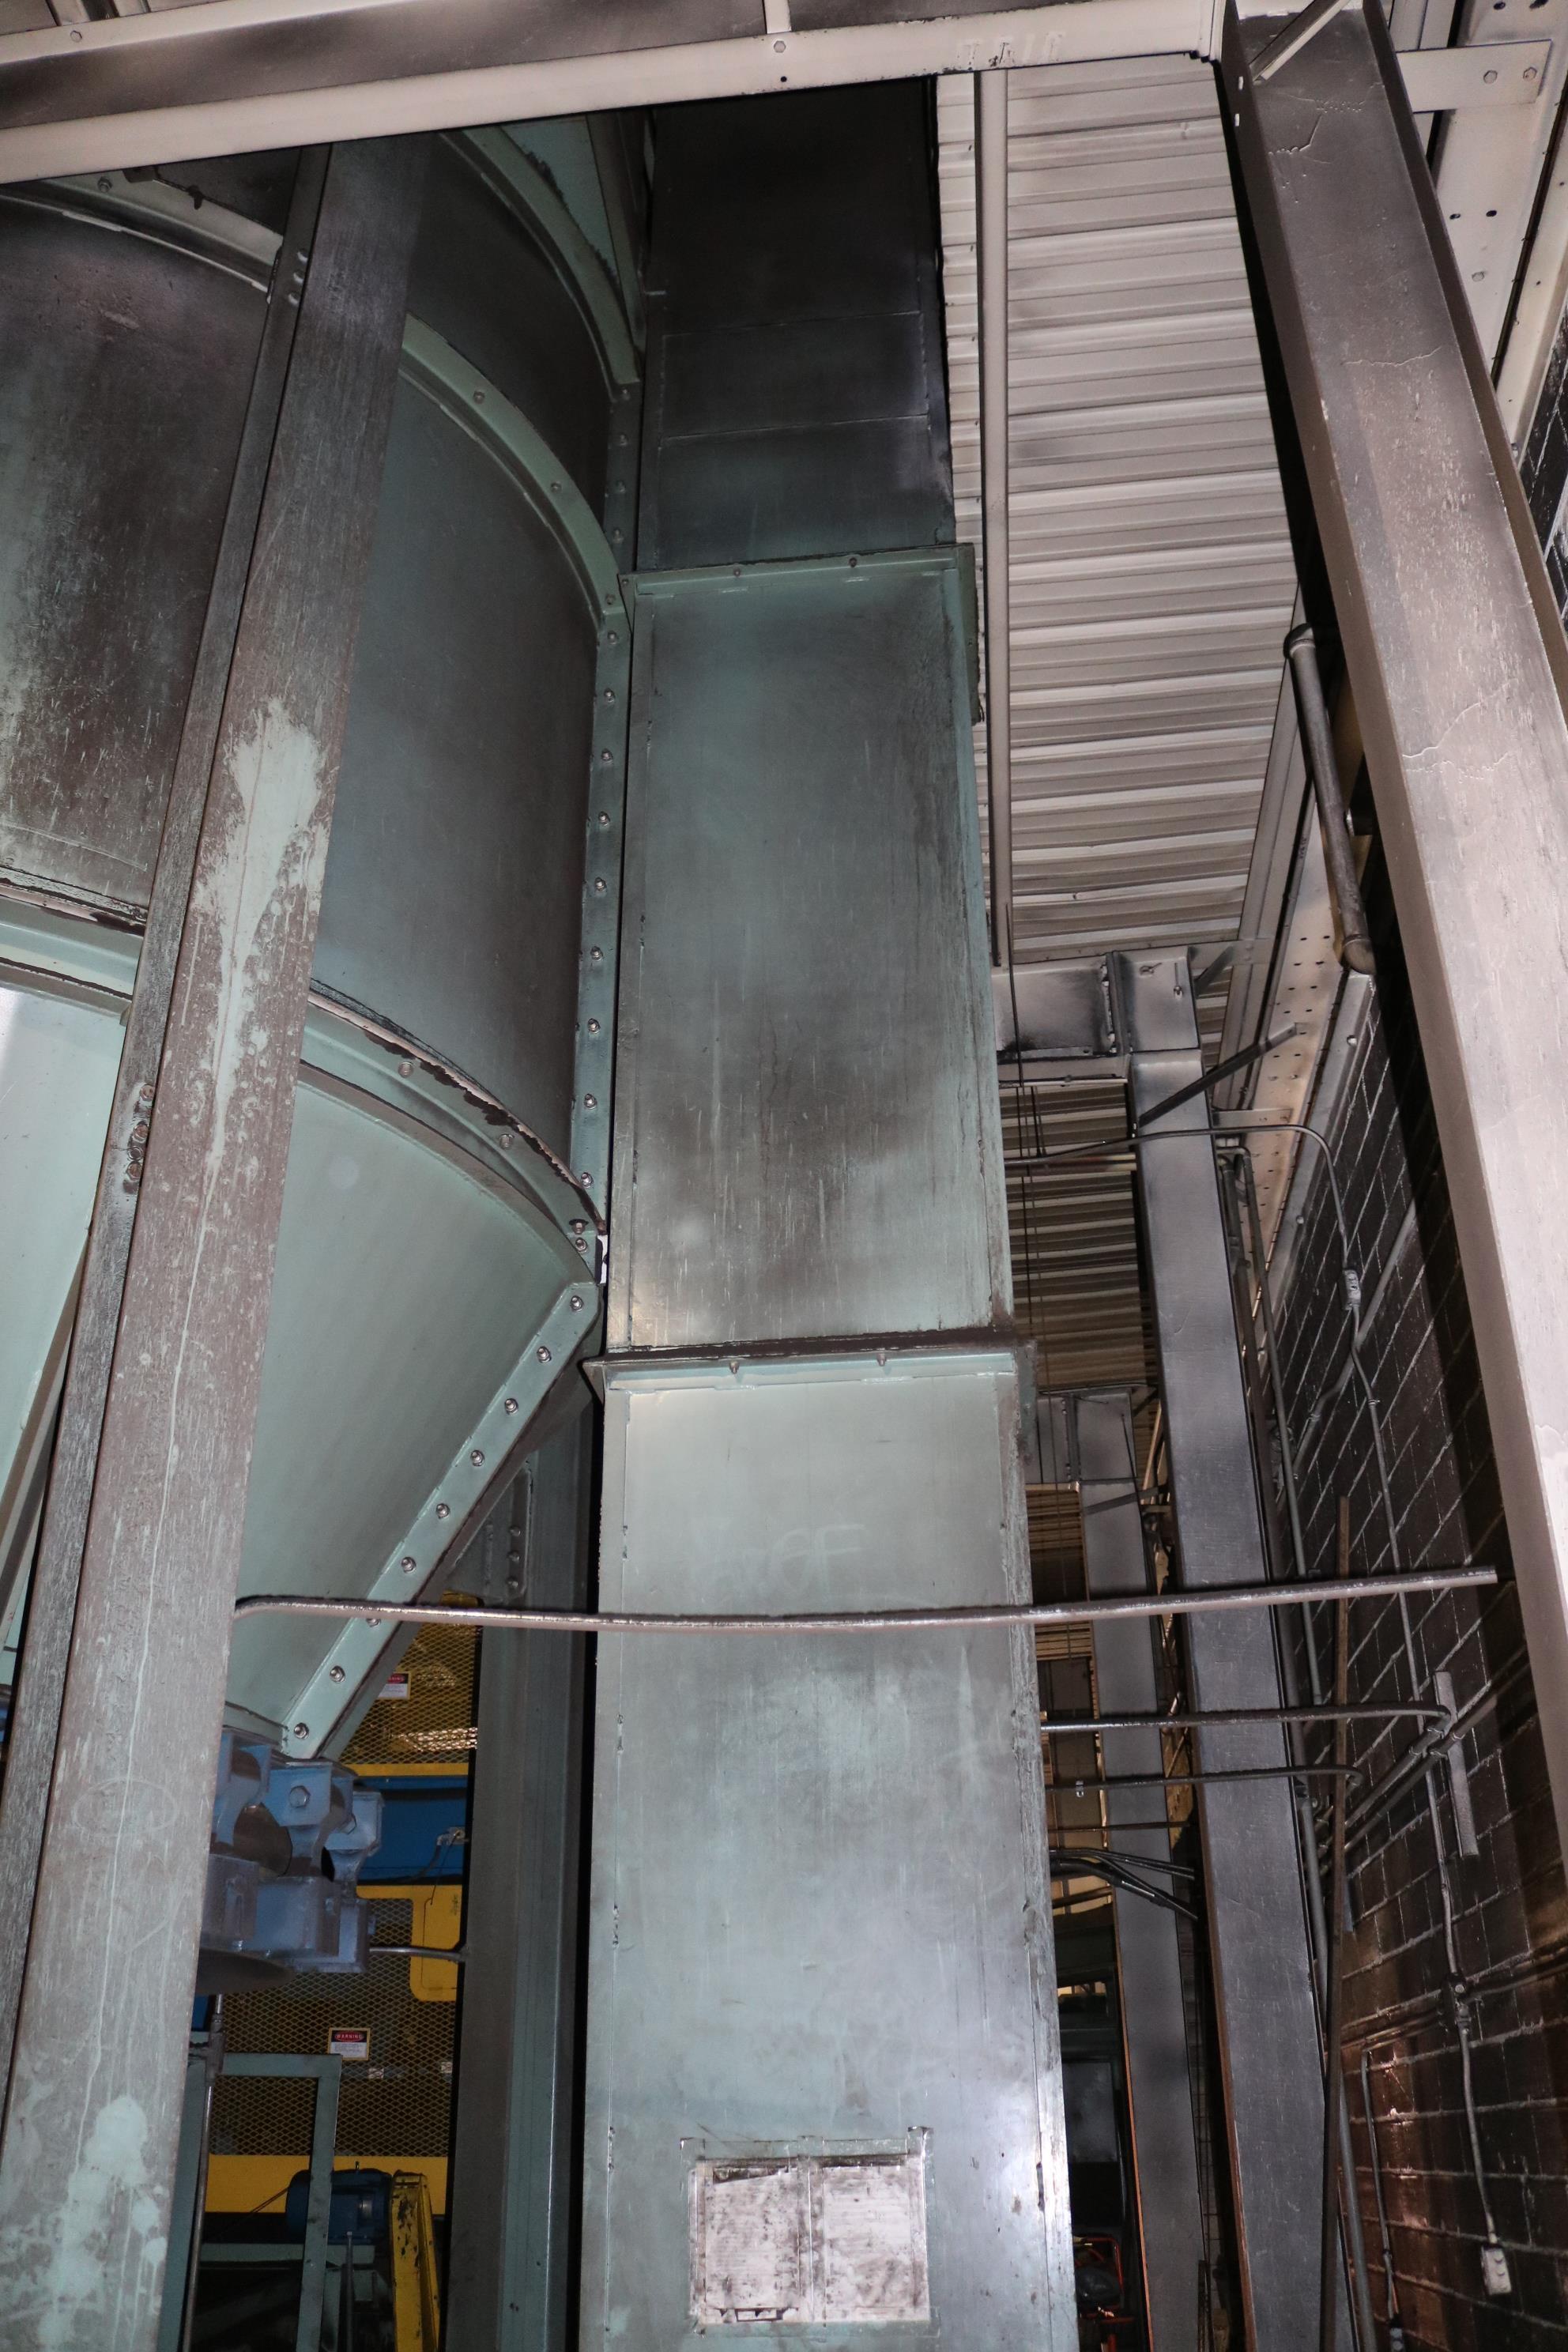 Lot 28 - STATES RETURN SAND BUCKET ELEVATOR, MODEL D10620, APPROX. 40' TALL, 7.5 HP DRIVE